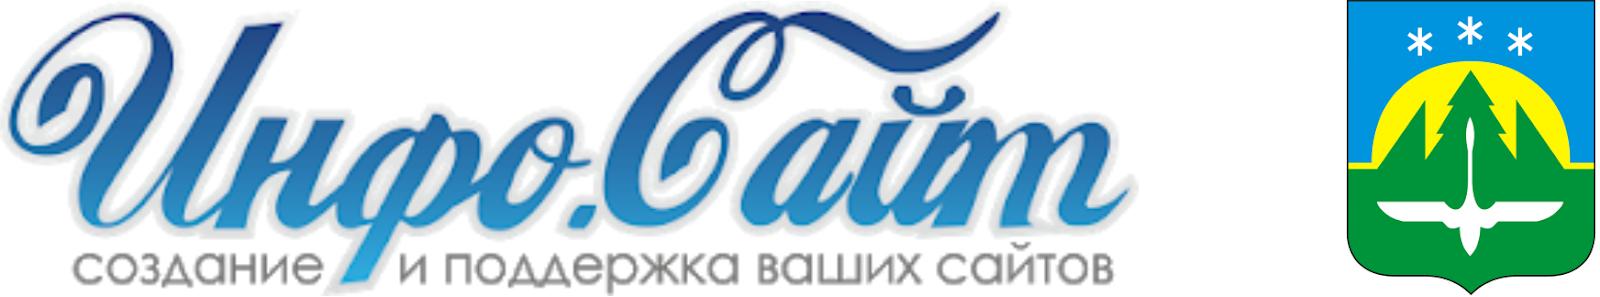 Ханты-Мансийск 🌍 Инфо-Сайт : Новости и объявления Ханты-Мансийска